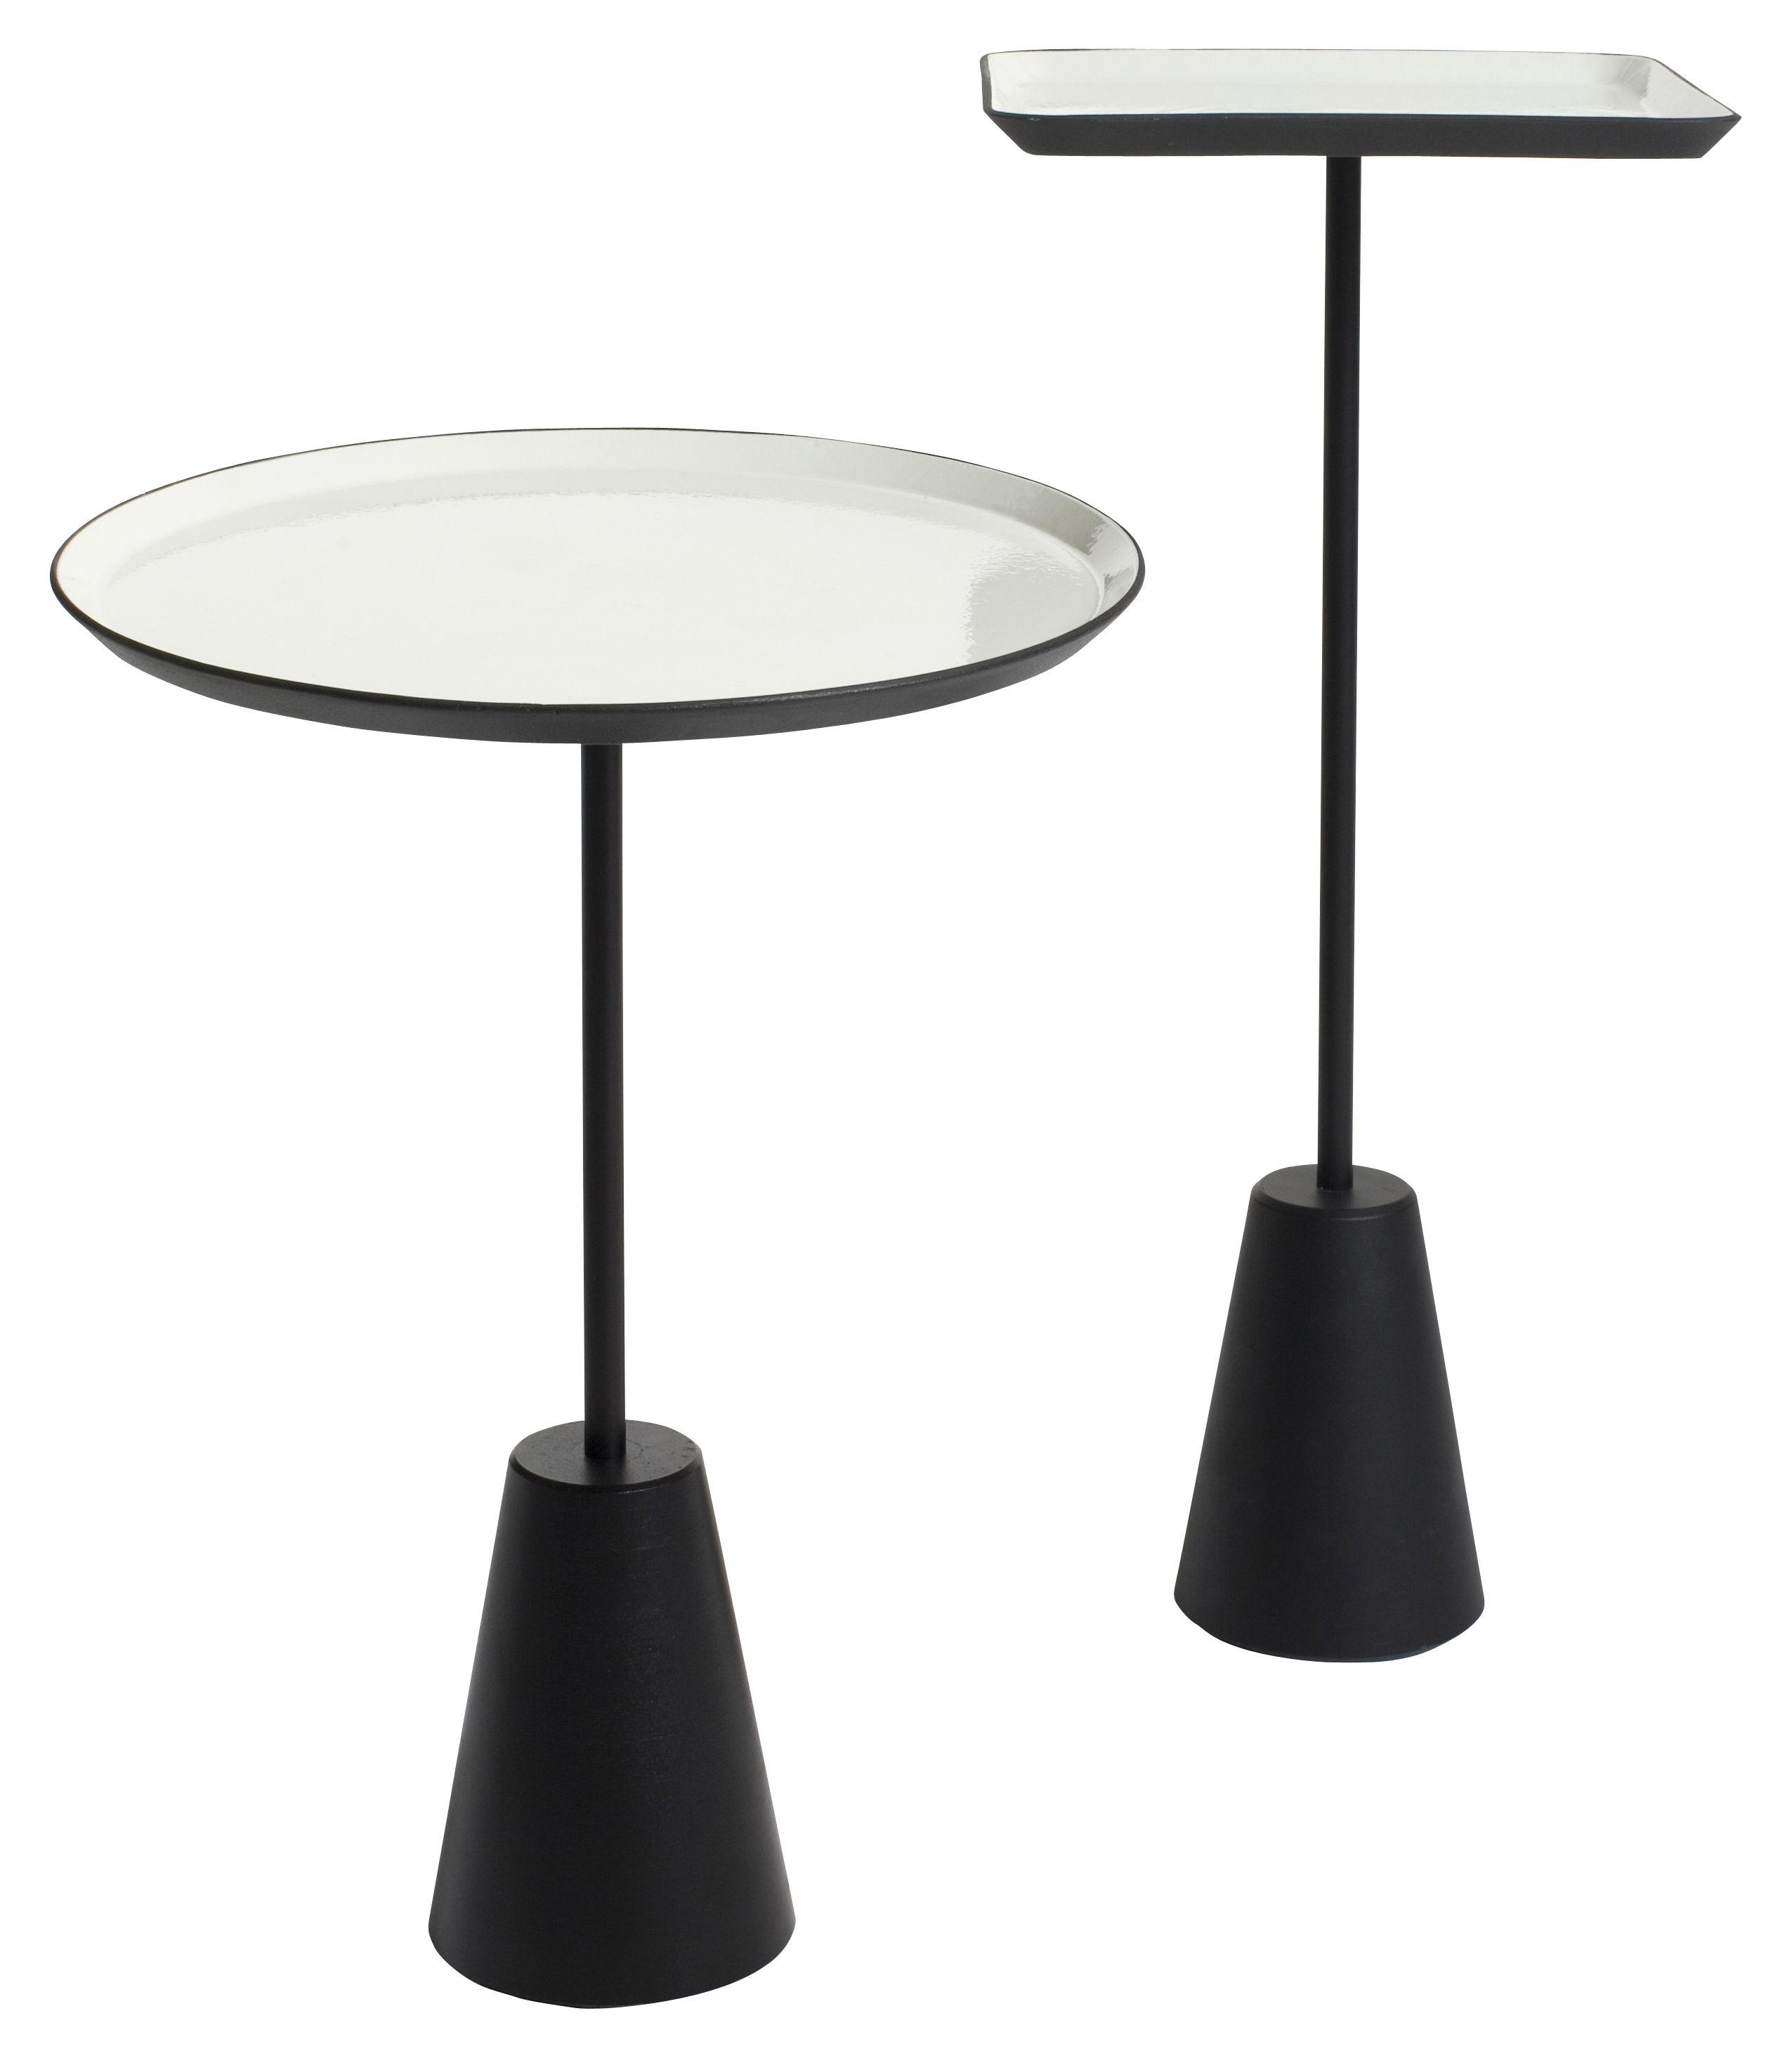 spot couchtisch tischplatte rund wei by tom dixon made in design. Black Bedroom Furniture Sets. Home Design Ideas